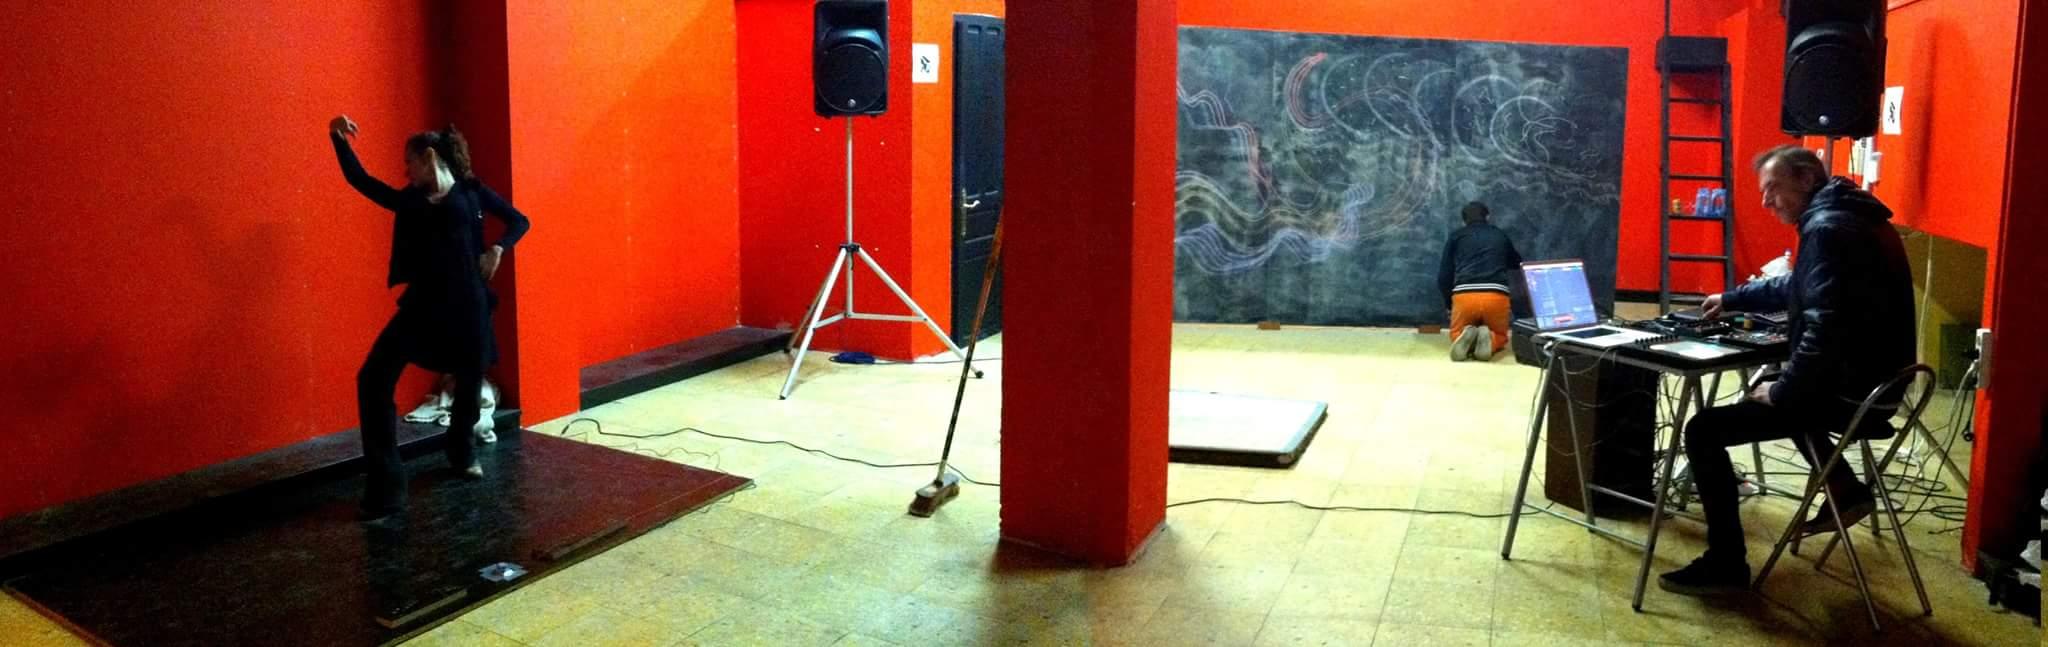 Imprografía Alfredo santos (Un local en rojo)